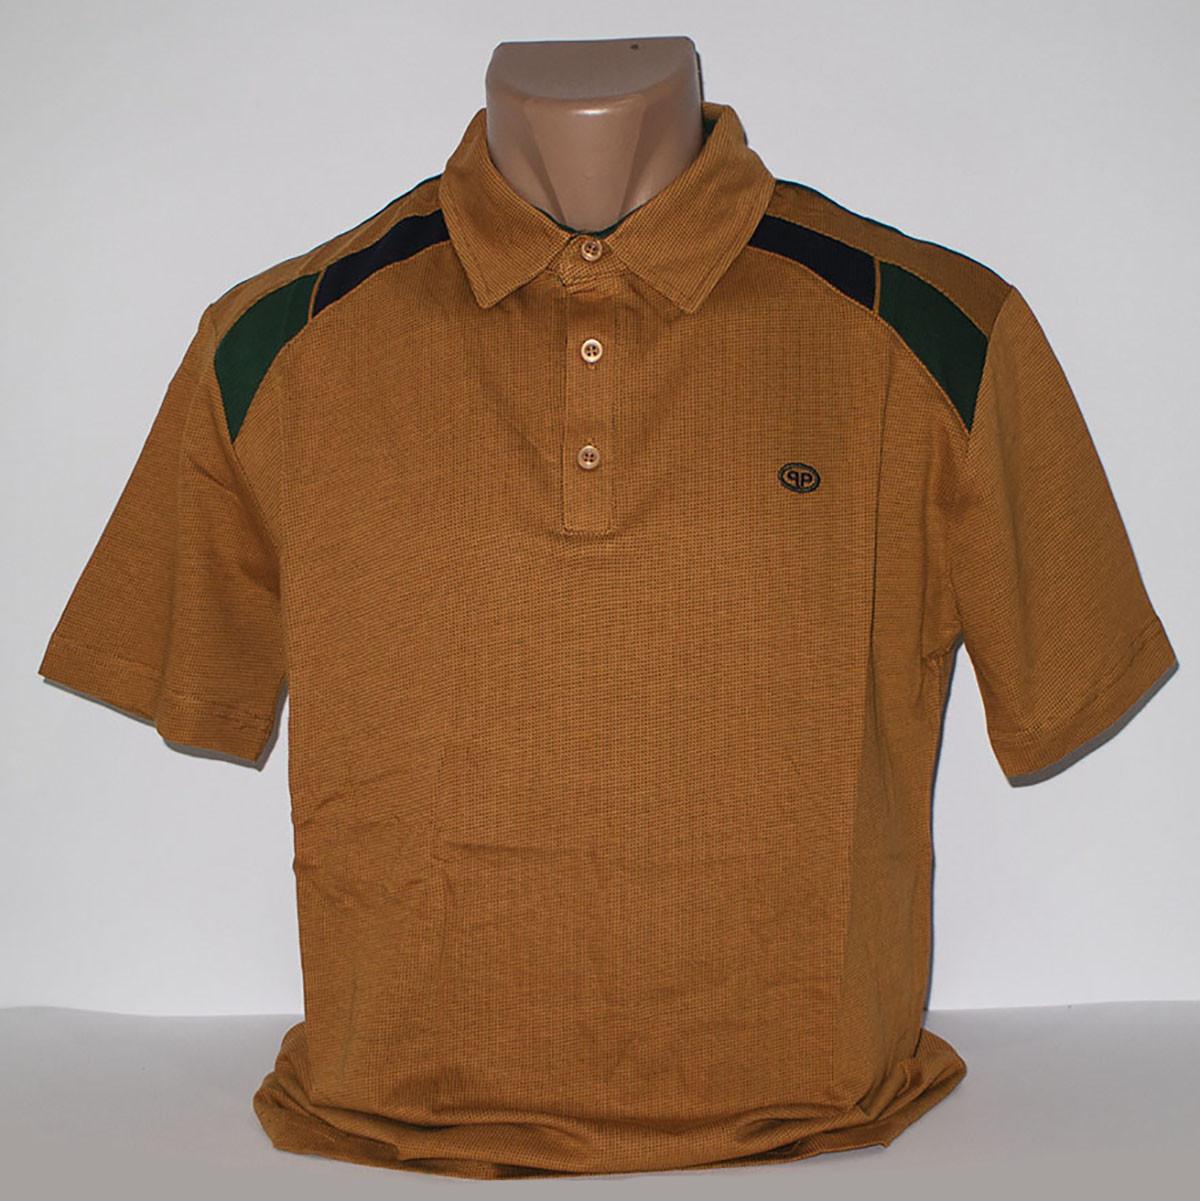 b10fafd4349700b Мужская футболка Поло Турция т.м. Piyera P23 оптом и в розницу ...